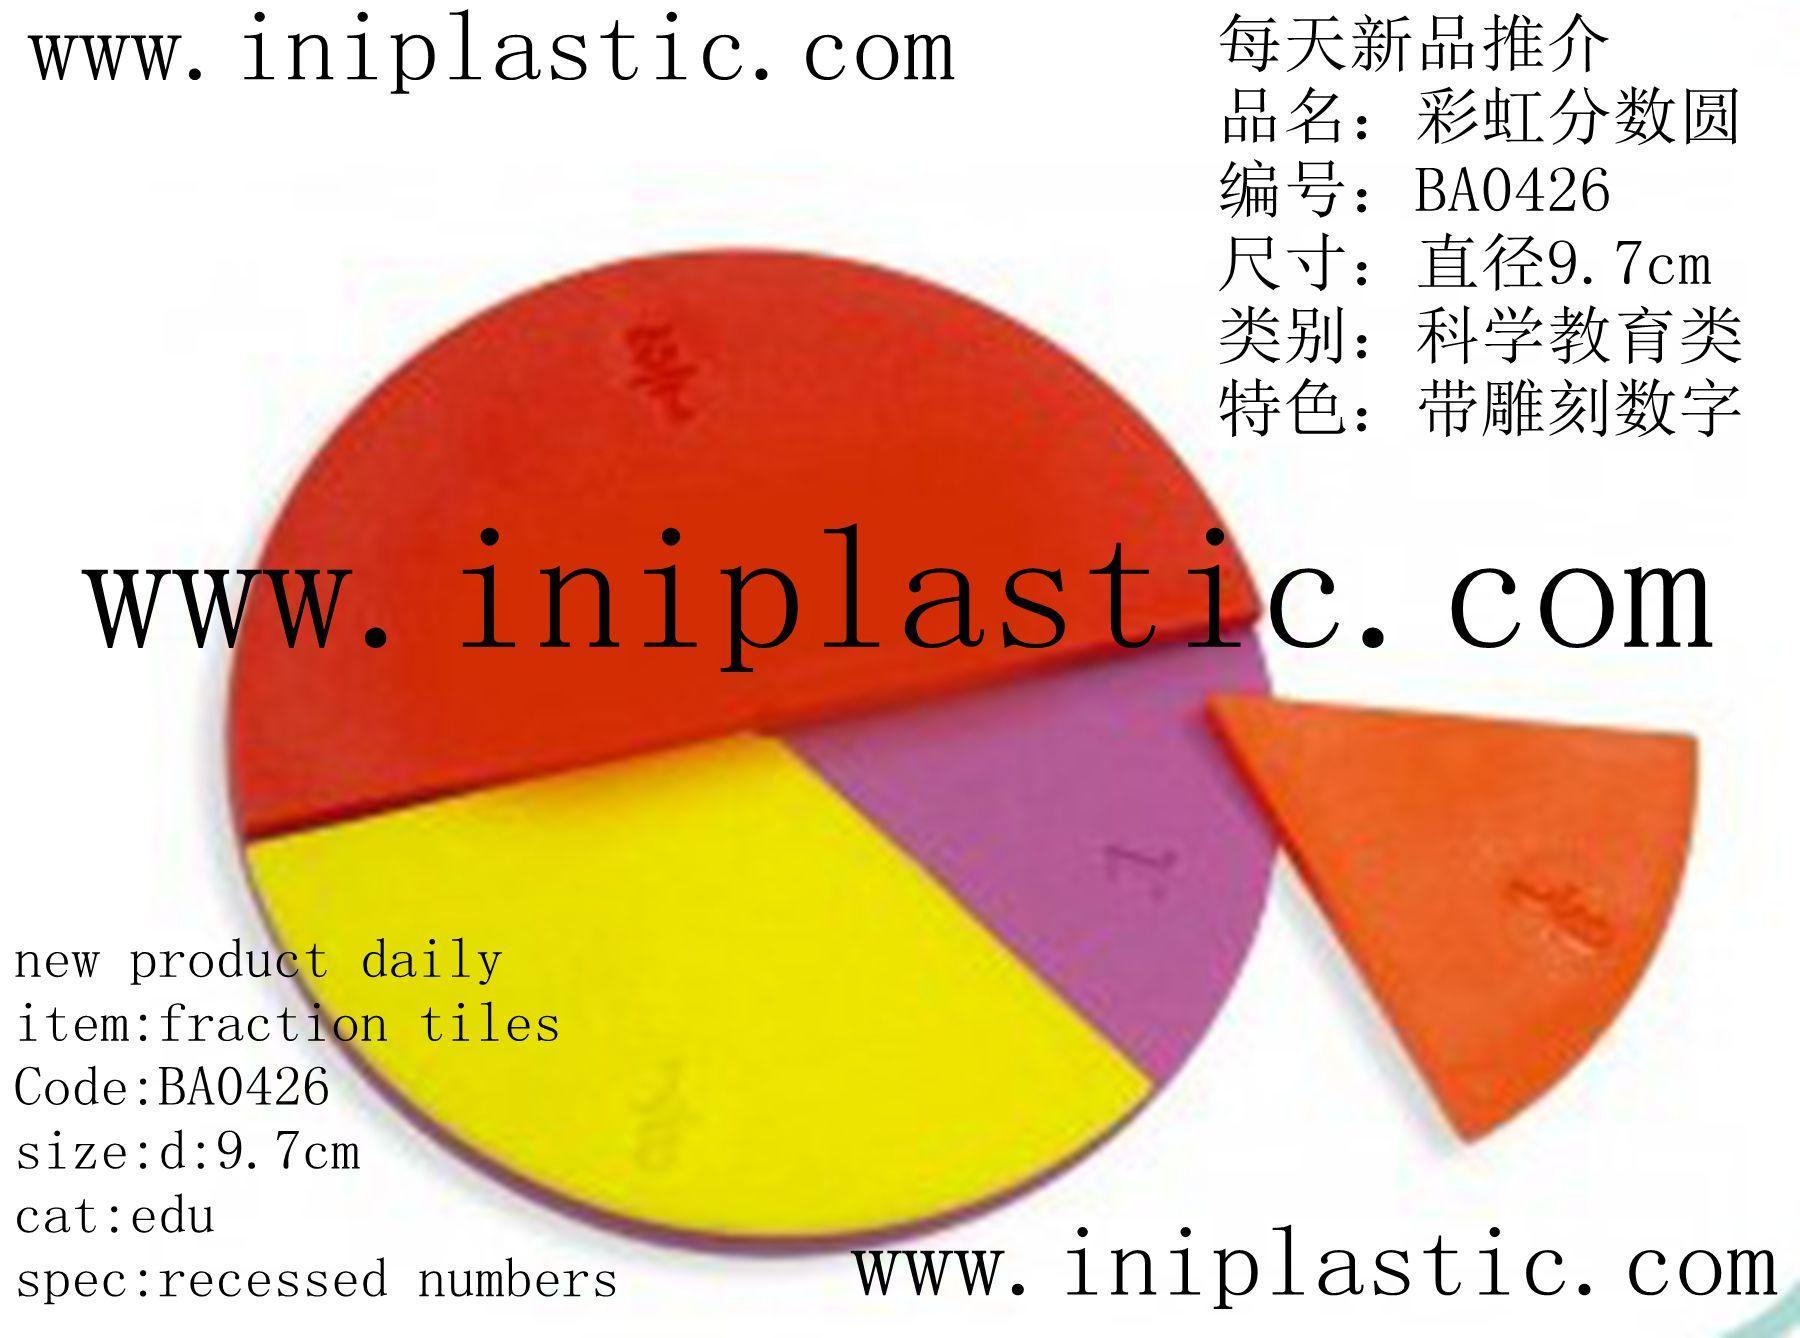 塑料長方體|老師用品|老師用具|課堂用具|上課用品 19